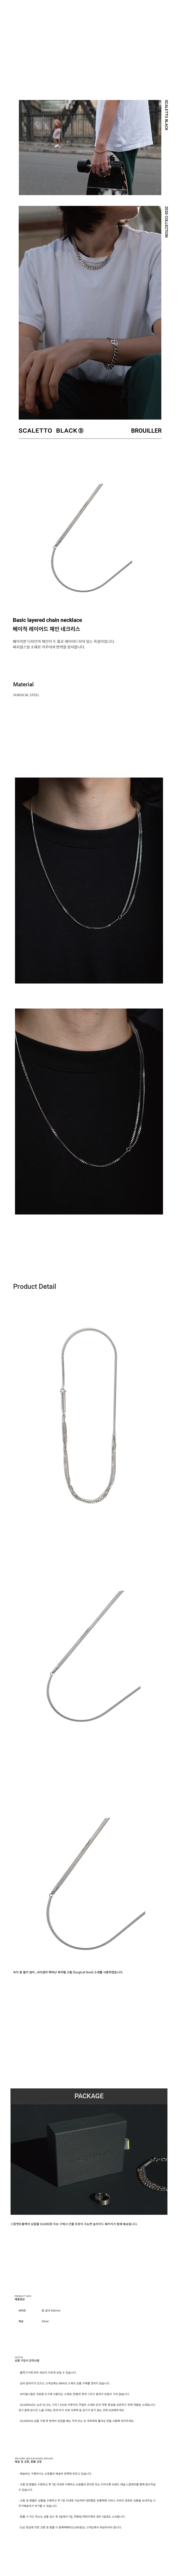 스칼렛또블랙(SCALETTOBLACK) [써지컬스틸] BR57 Basic layered chain necklace